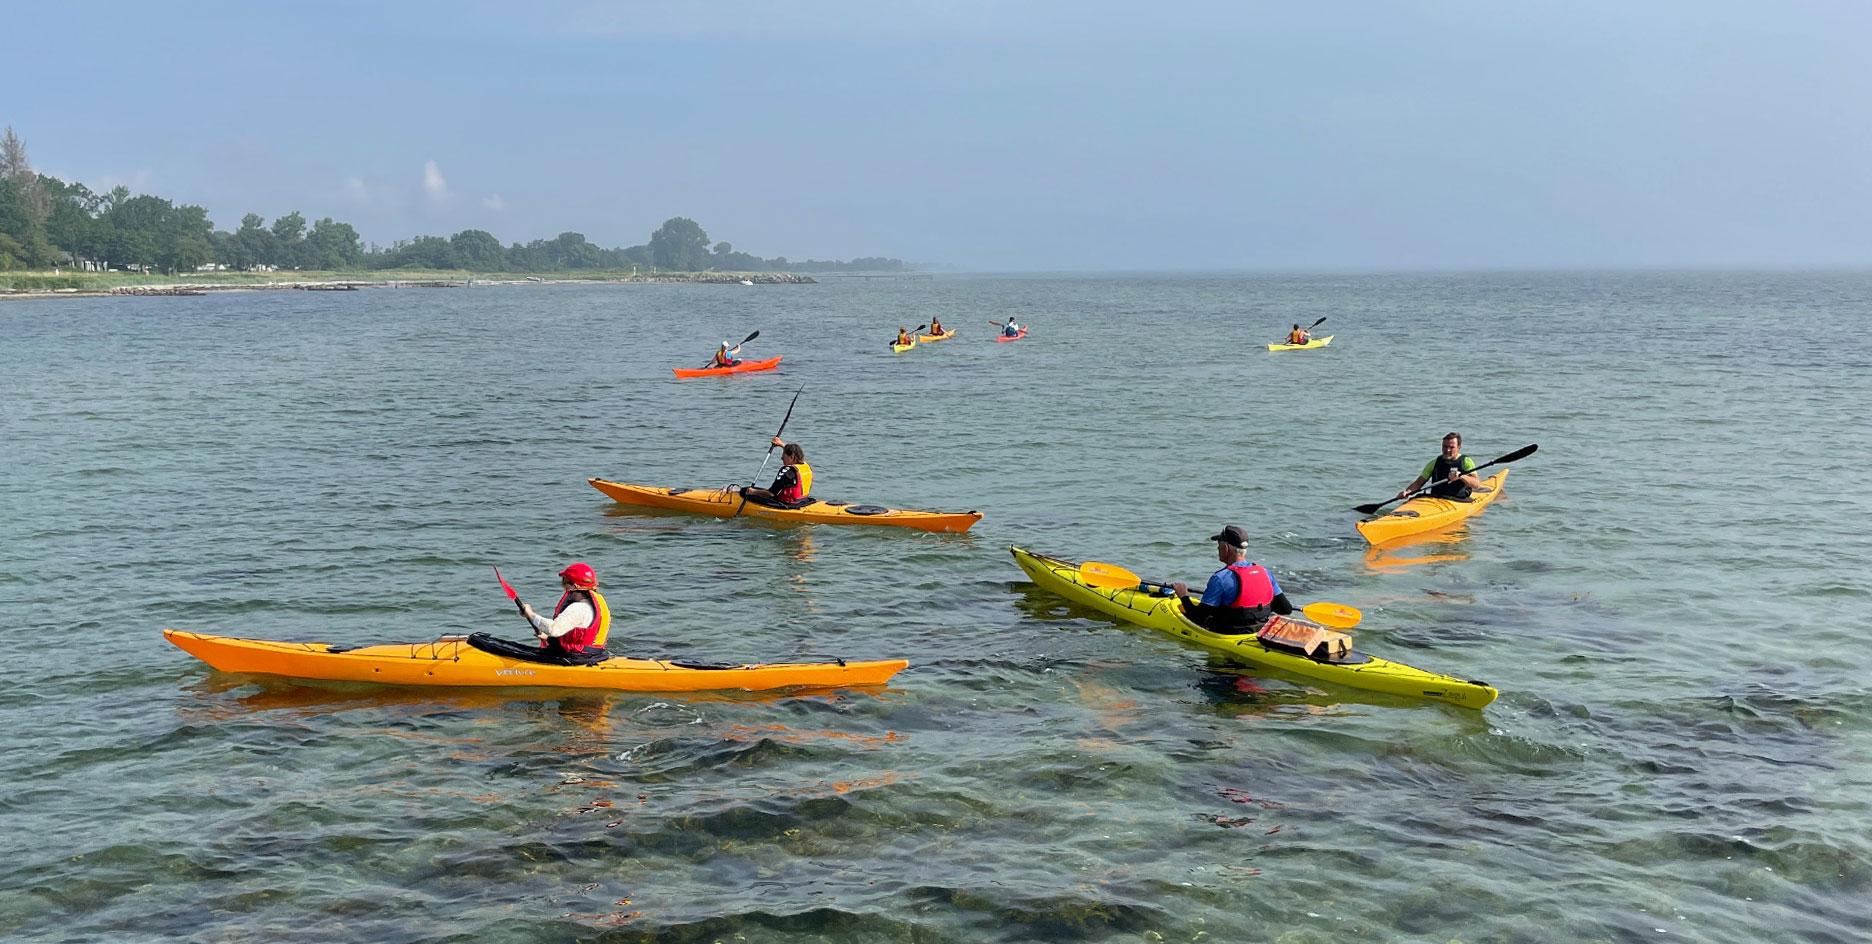 Kajak-ved-Hou-strand_Hou Maritime Familiehøjskole